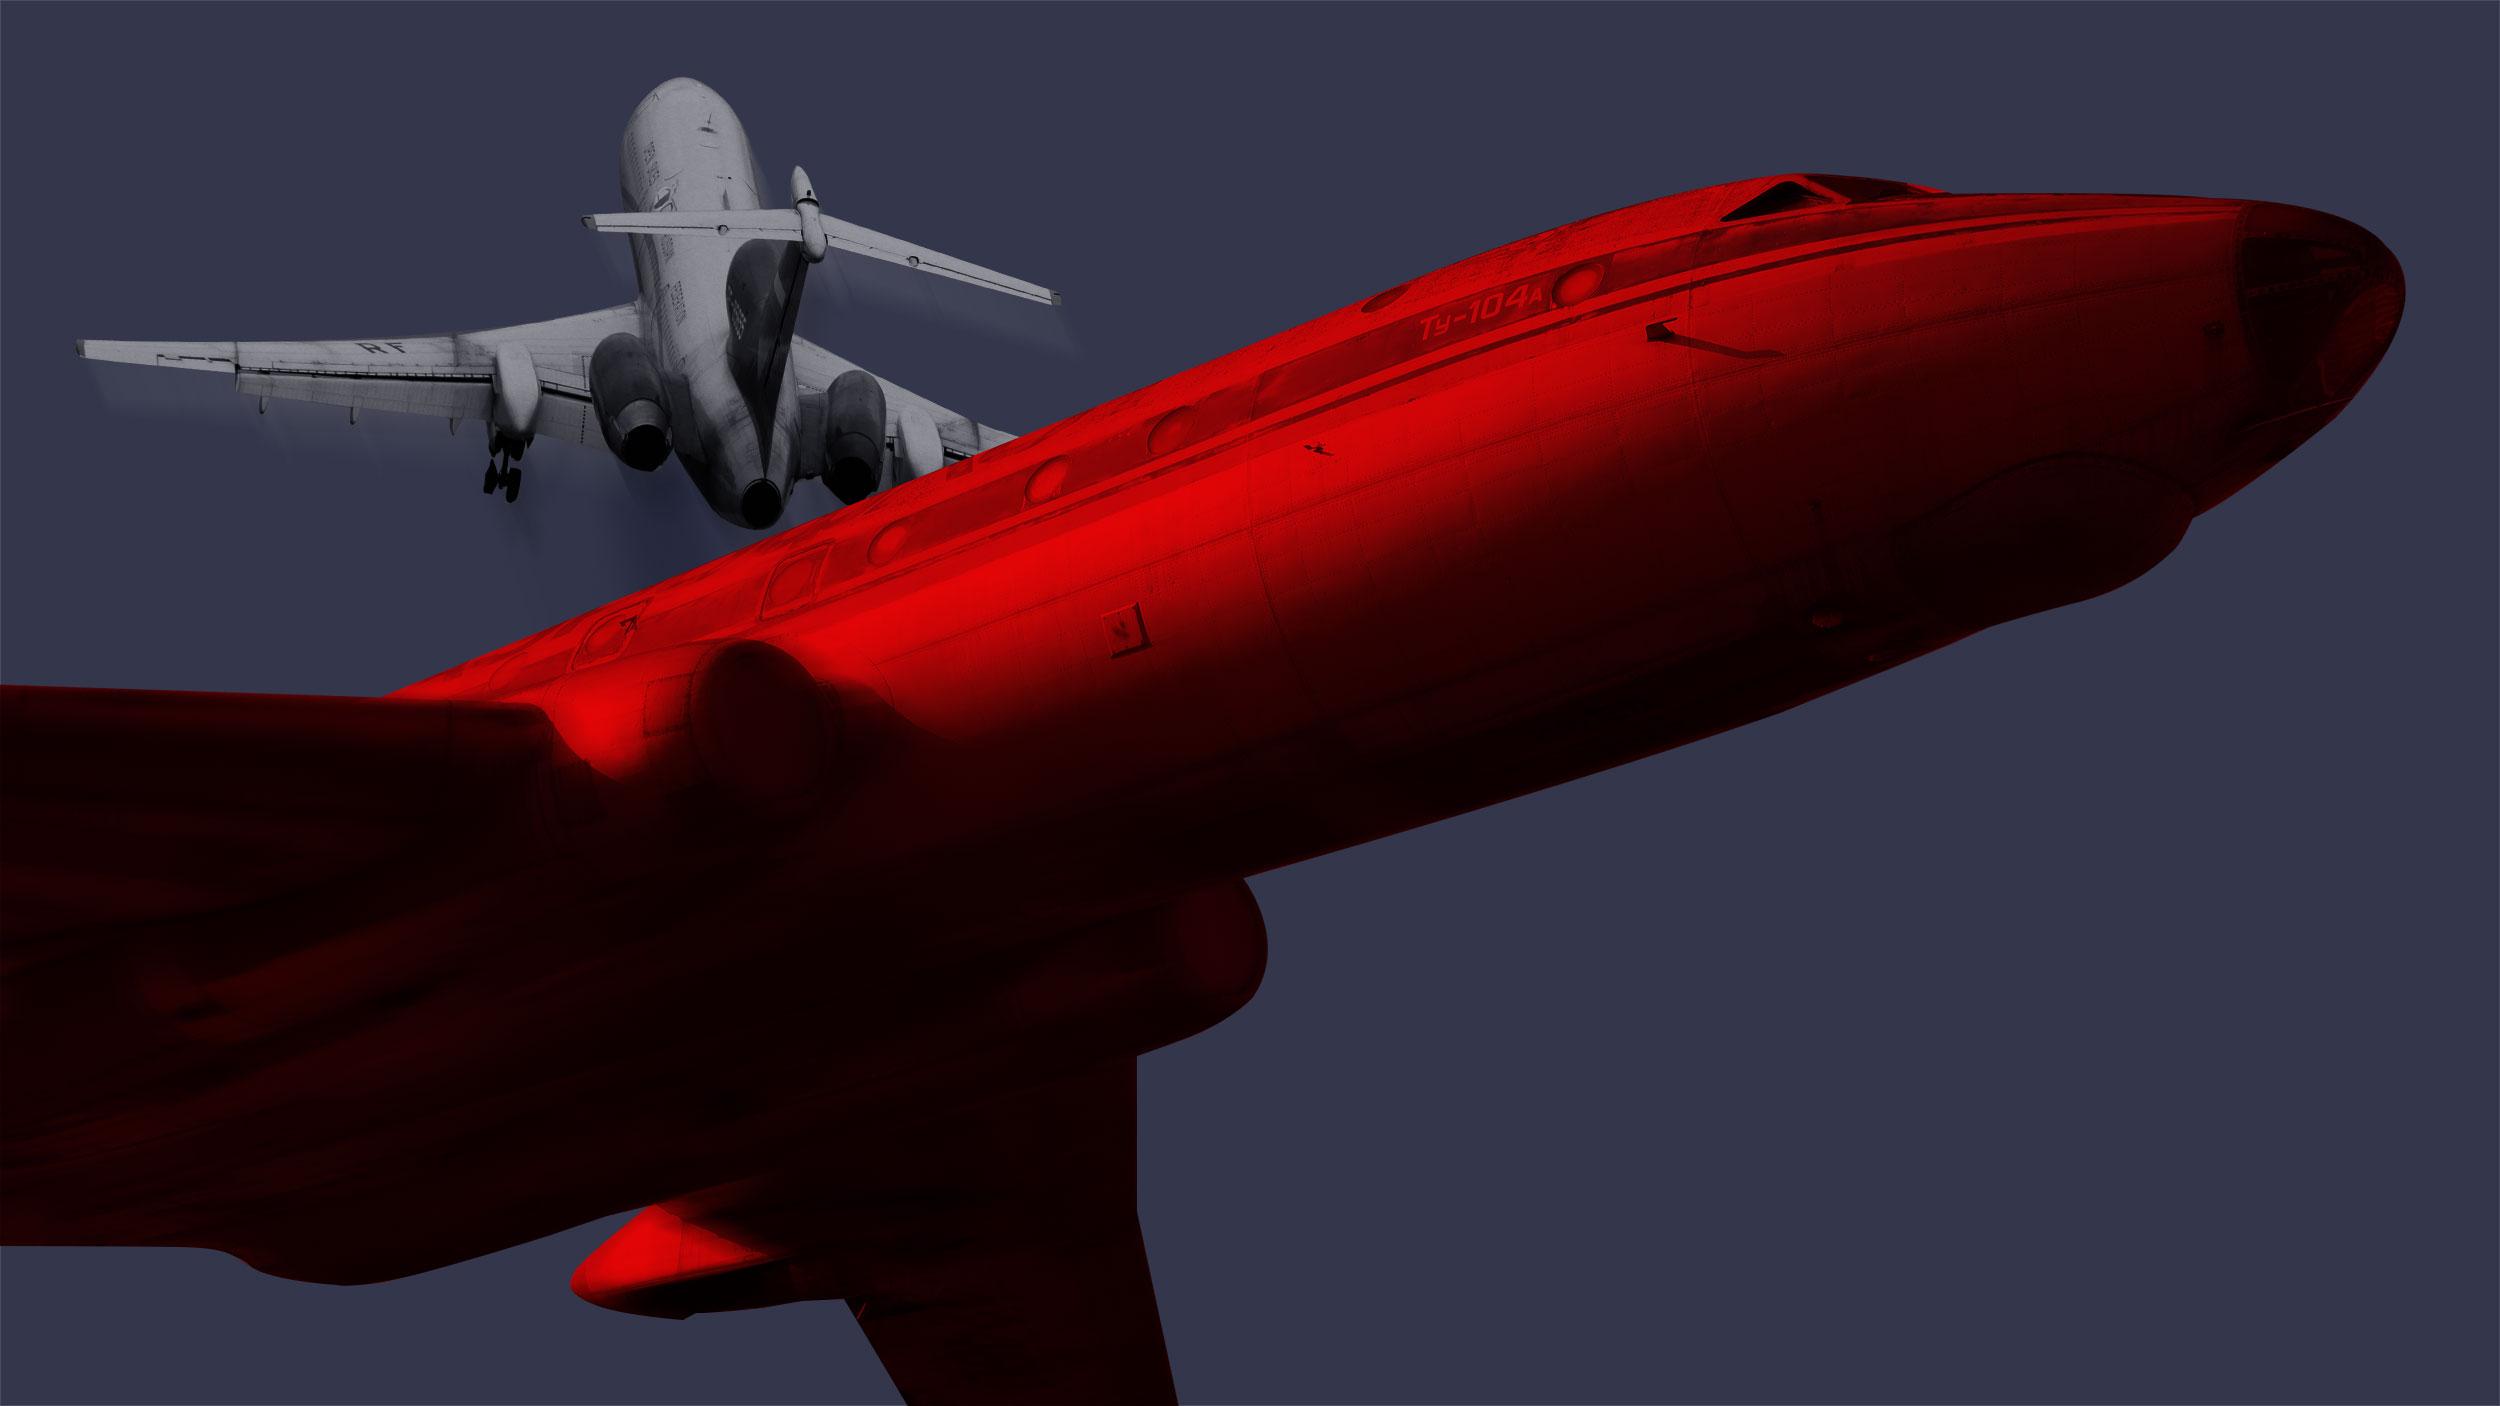 45 лет назад под Иркутском разбился пассажирский ТУ-104, при этом в катастрофе чуть не принял участие Ту-154